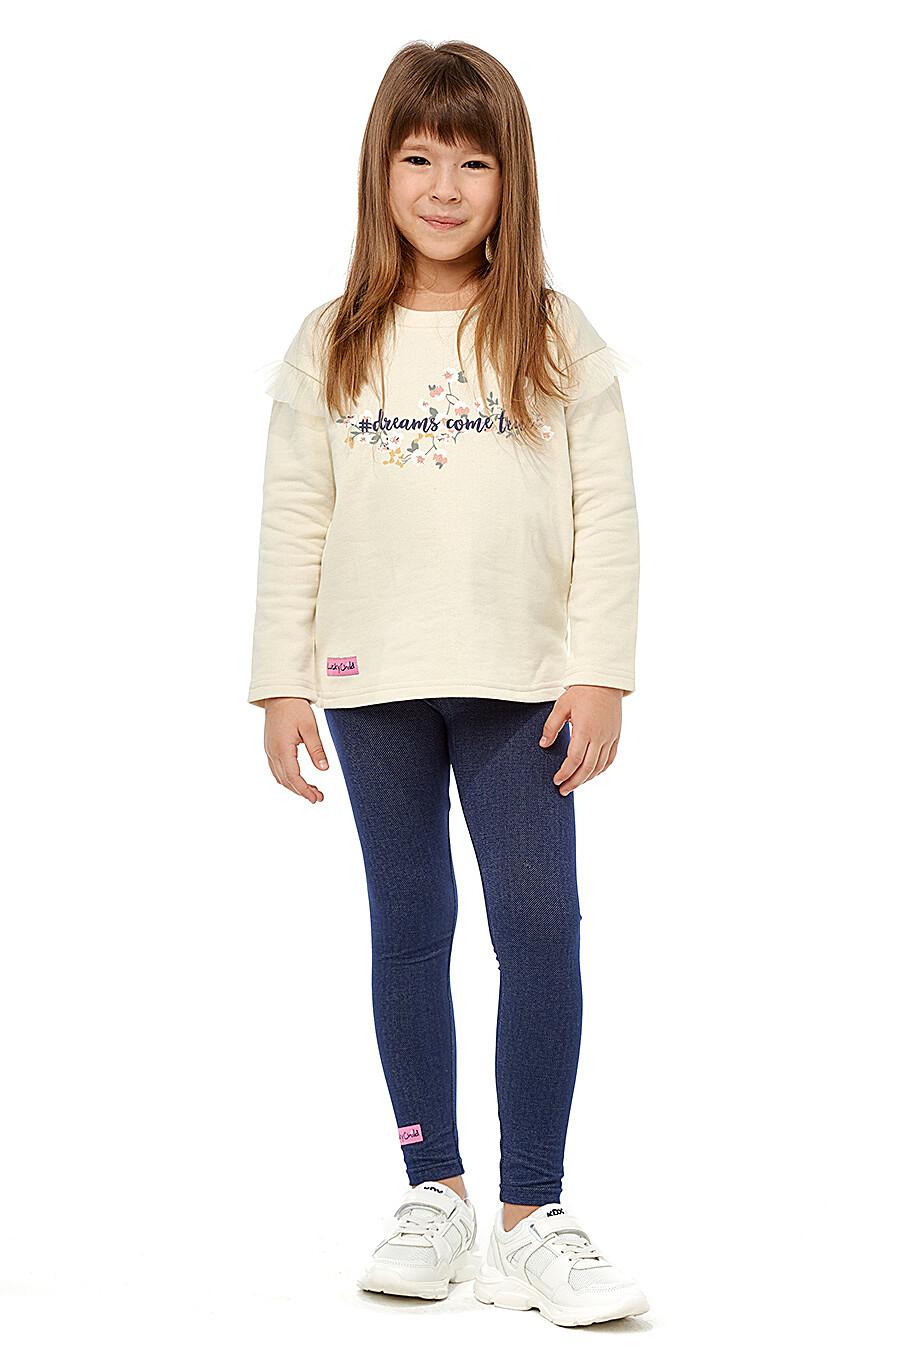 Легинсы для девочек LUCKY CHILD 184430 купить оптом от производителя. Совместная покупка детской одежды в OptMoyo